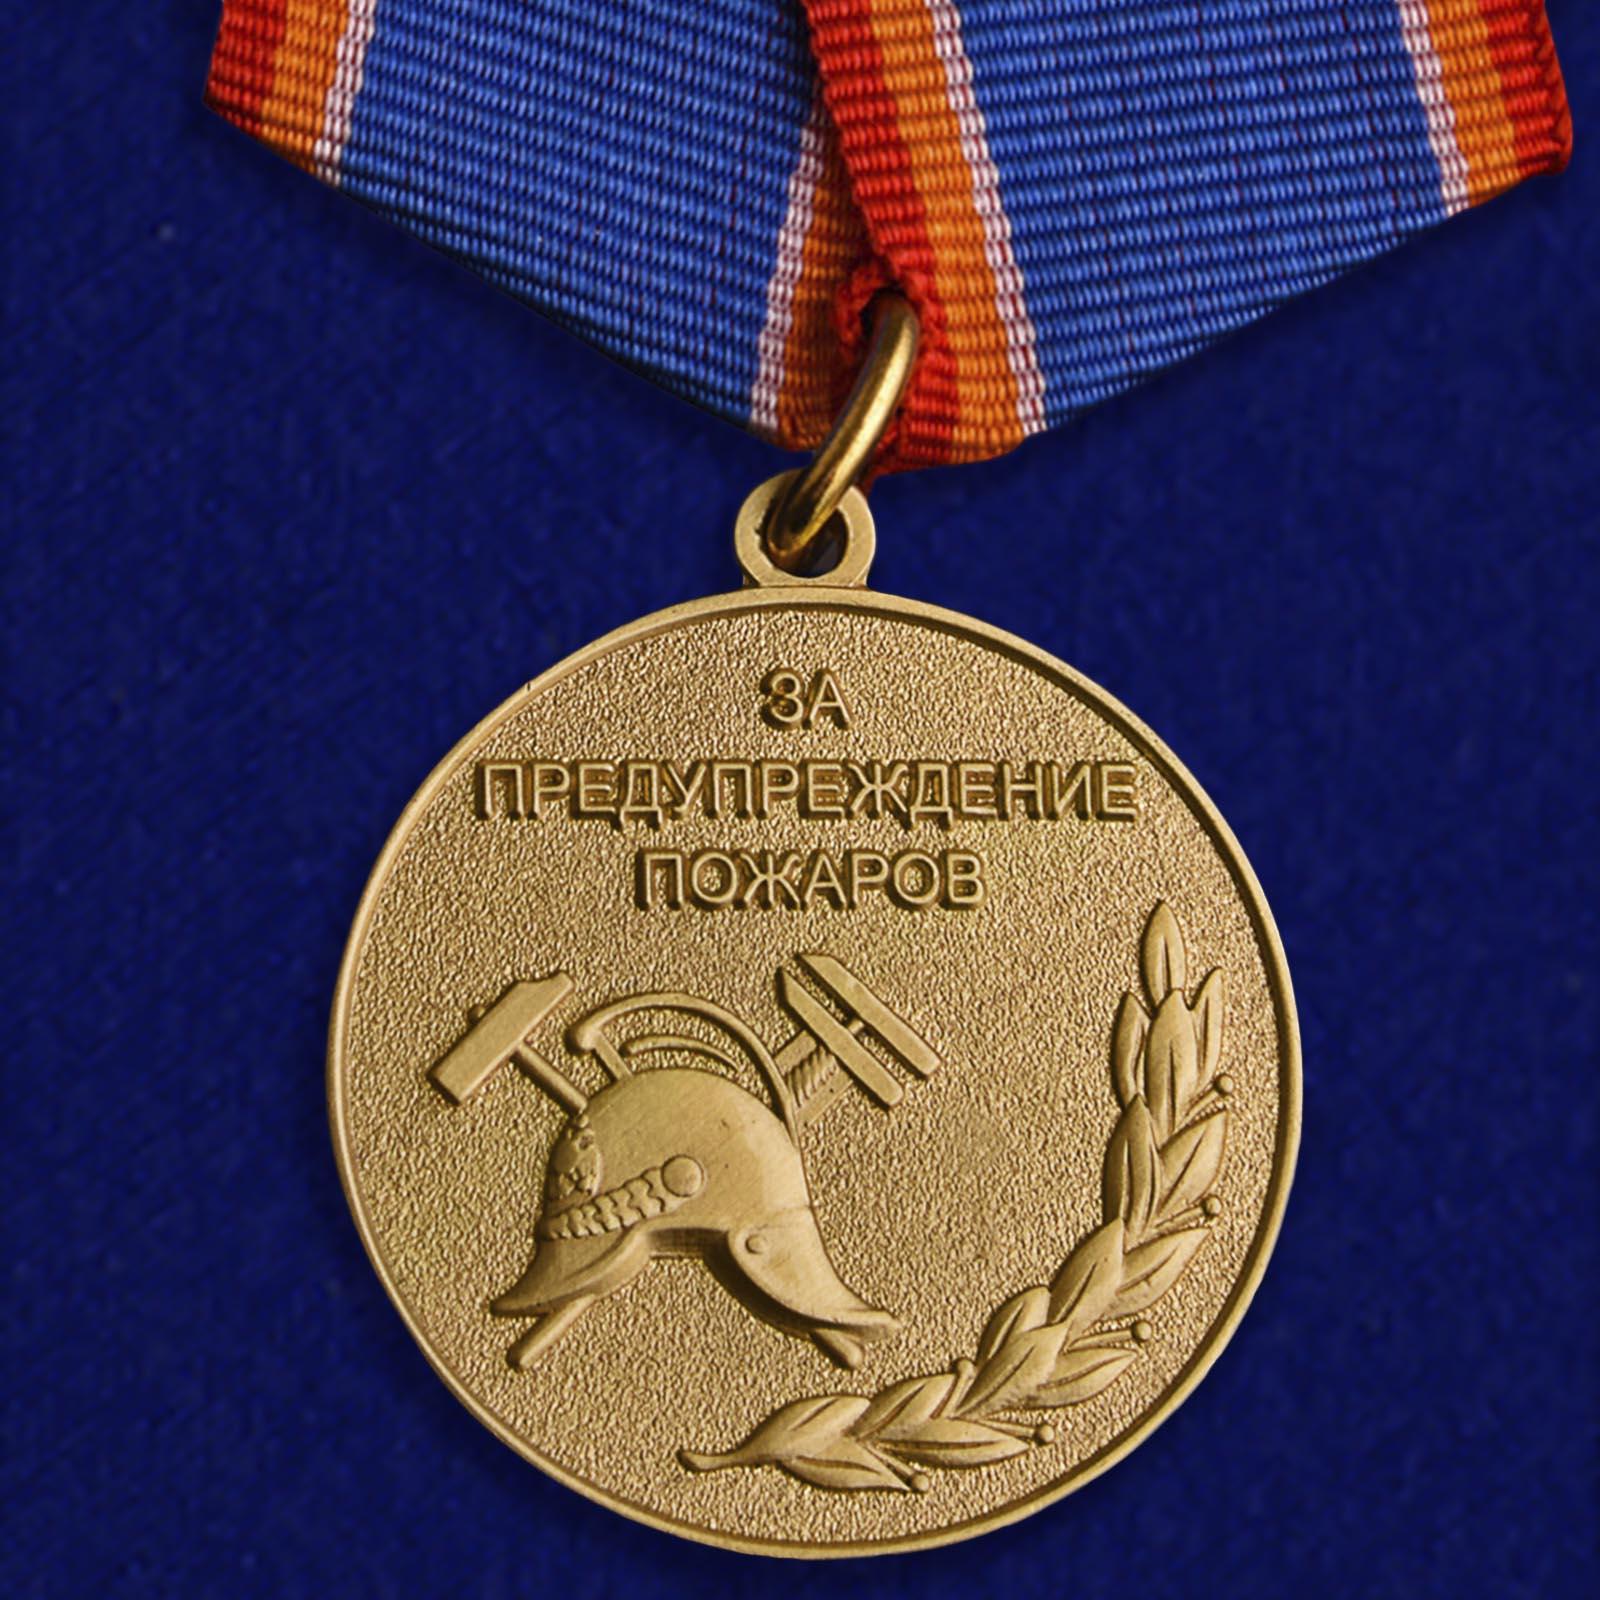 Купить медаль МЧС За предупреждение пожаров на подставке с доставкой